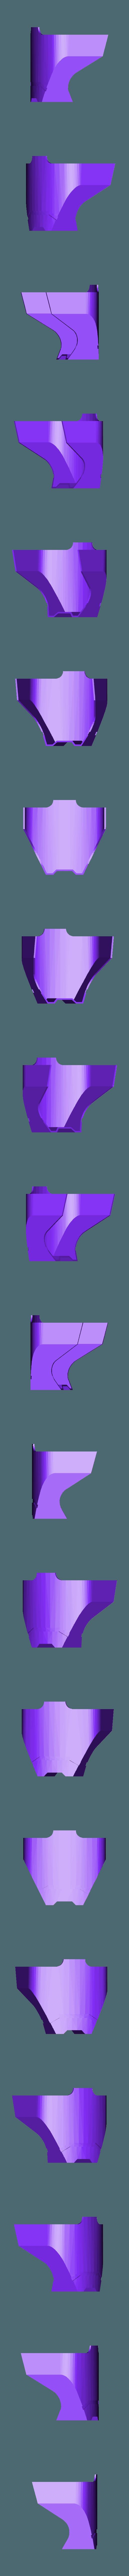 visage.STL Télécharger fichier STL gratuit casque iron man • Design imprimable en 3D, mathiscovelli